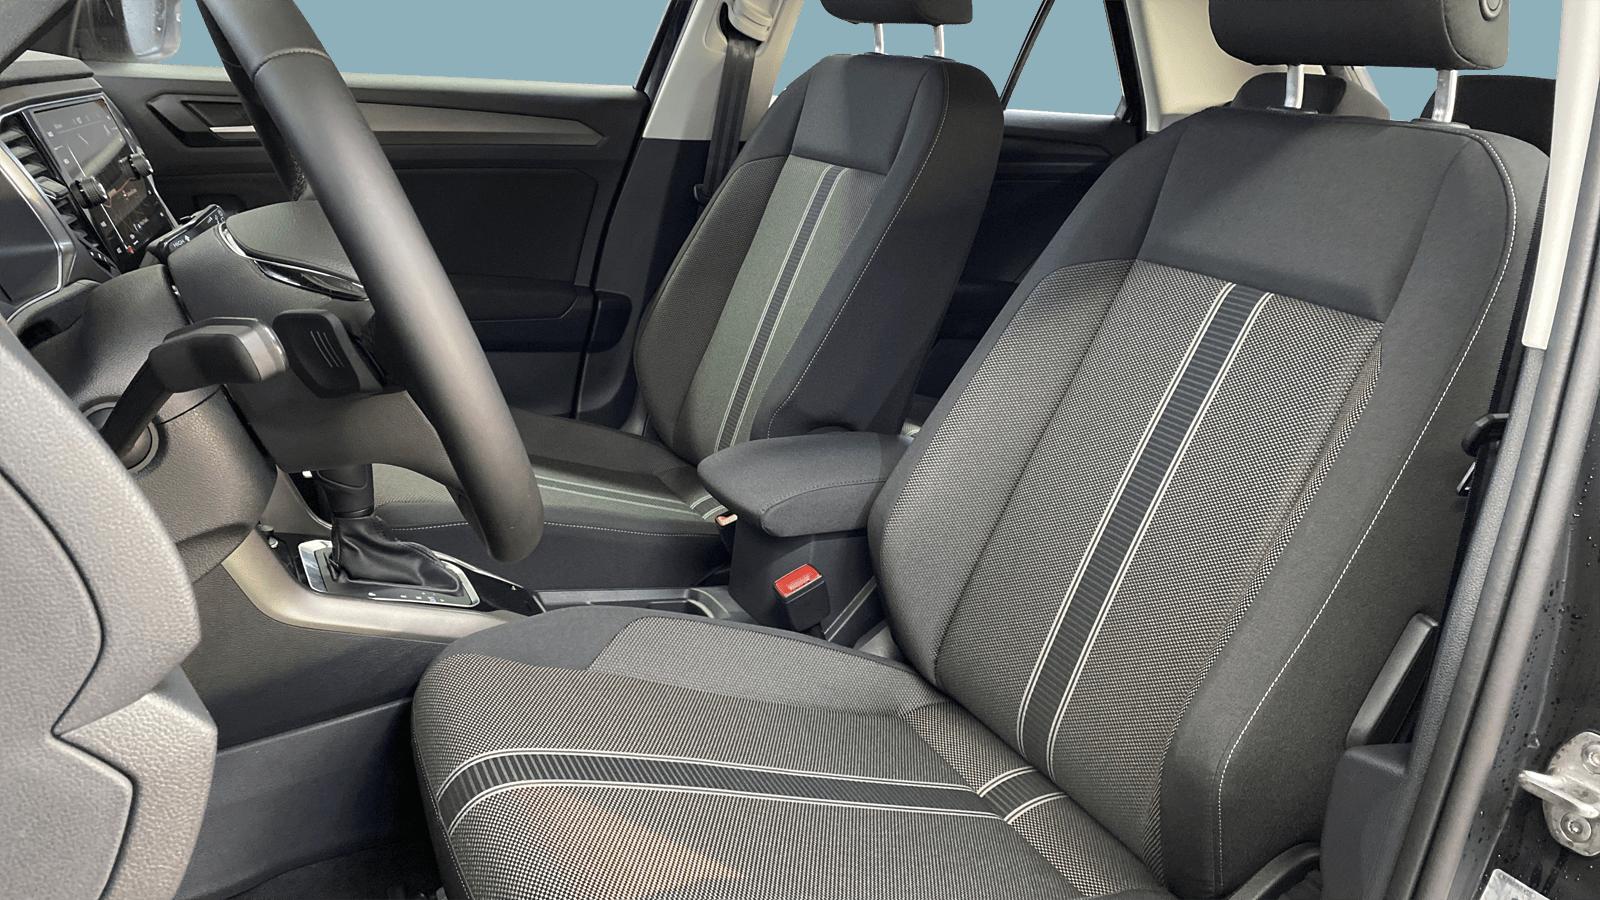 VW T-Roc Schwarz interior - Clyde Auto-Abo